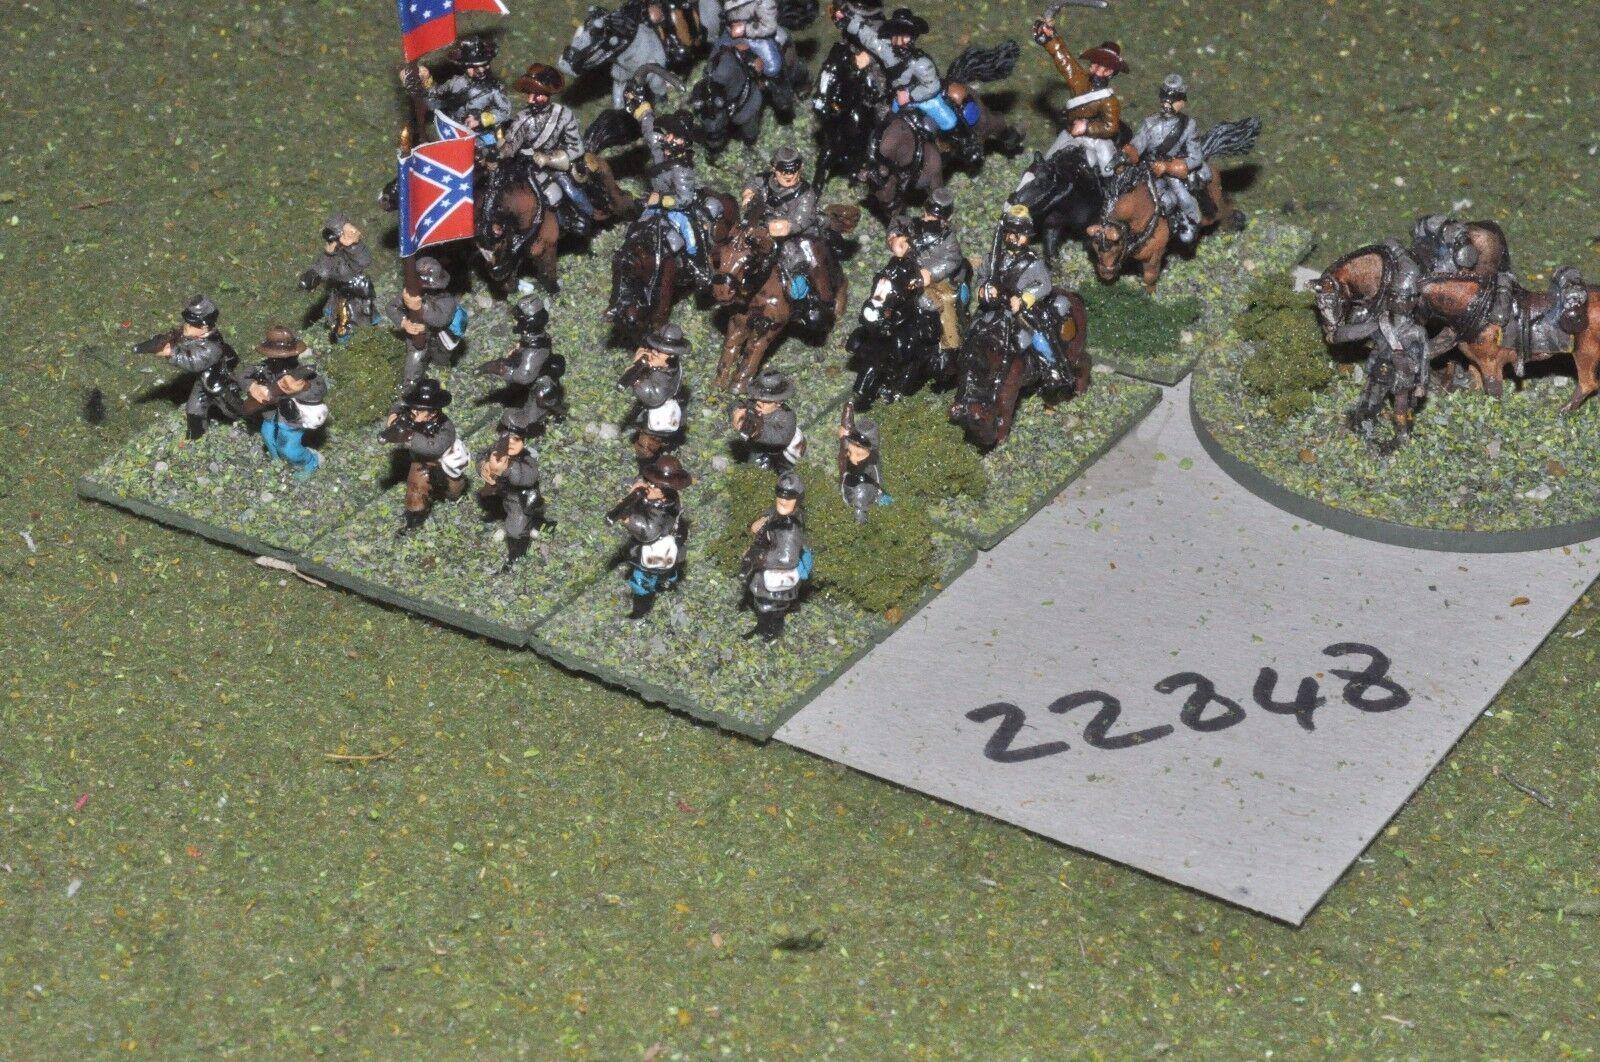 15 acw   konföderierten - regt.27 angaben - cav (22848)